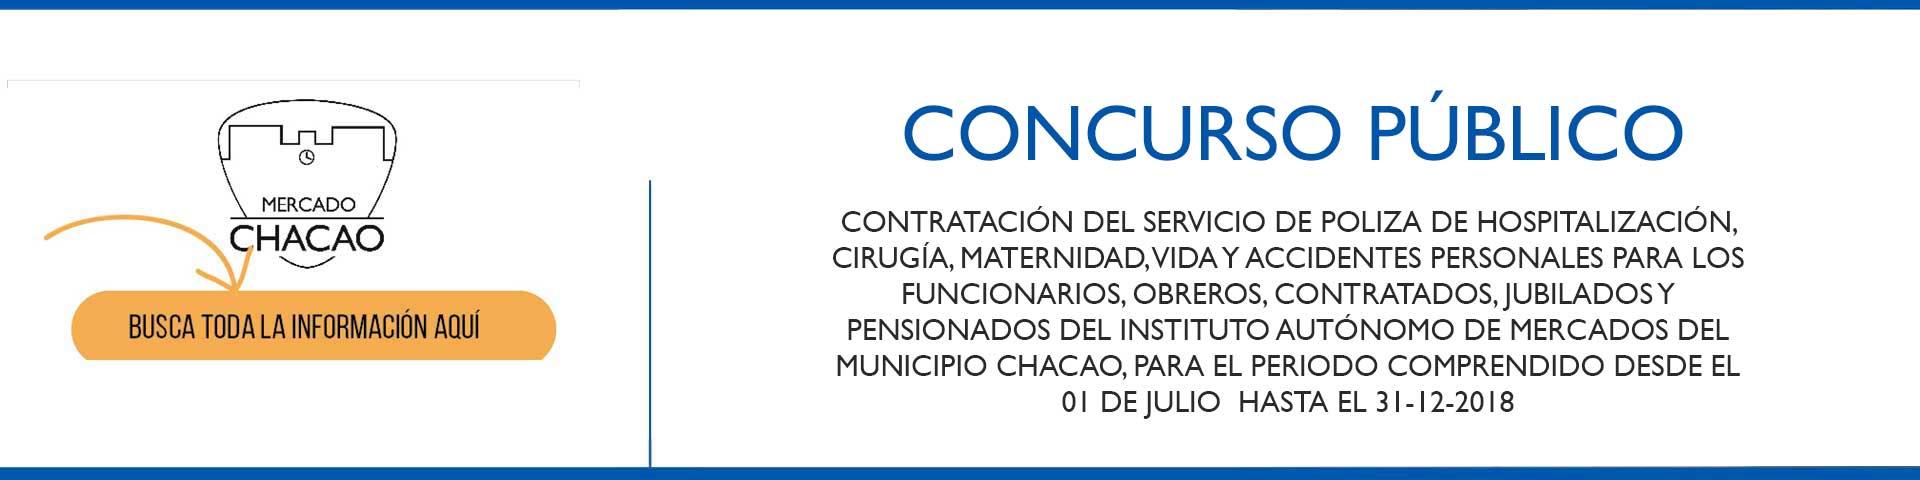 CONCURSO ABIERTO N°IAMMCH-CCP-CA-2018-005